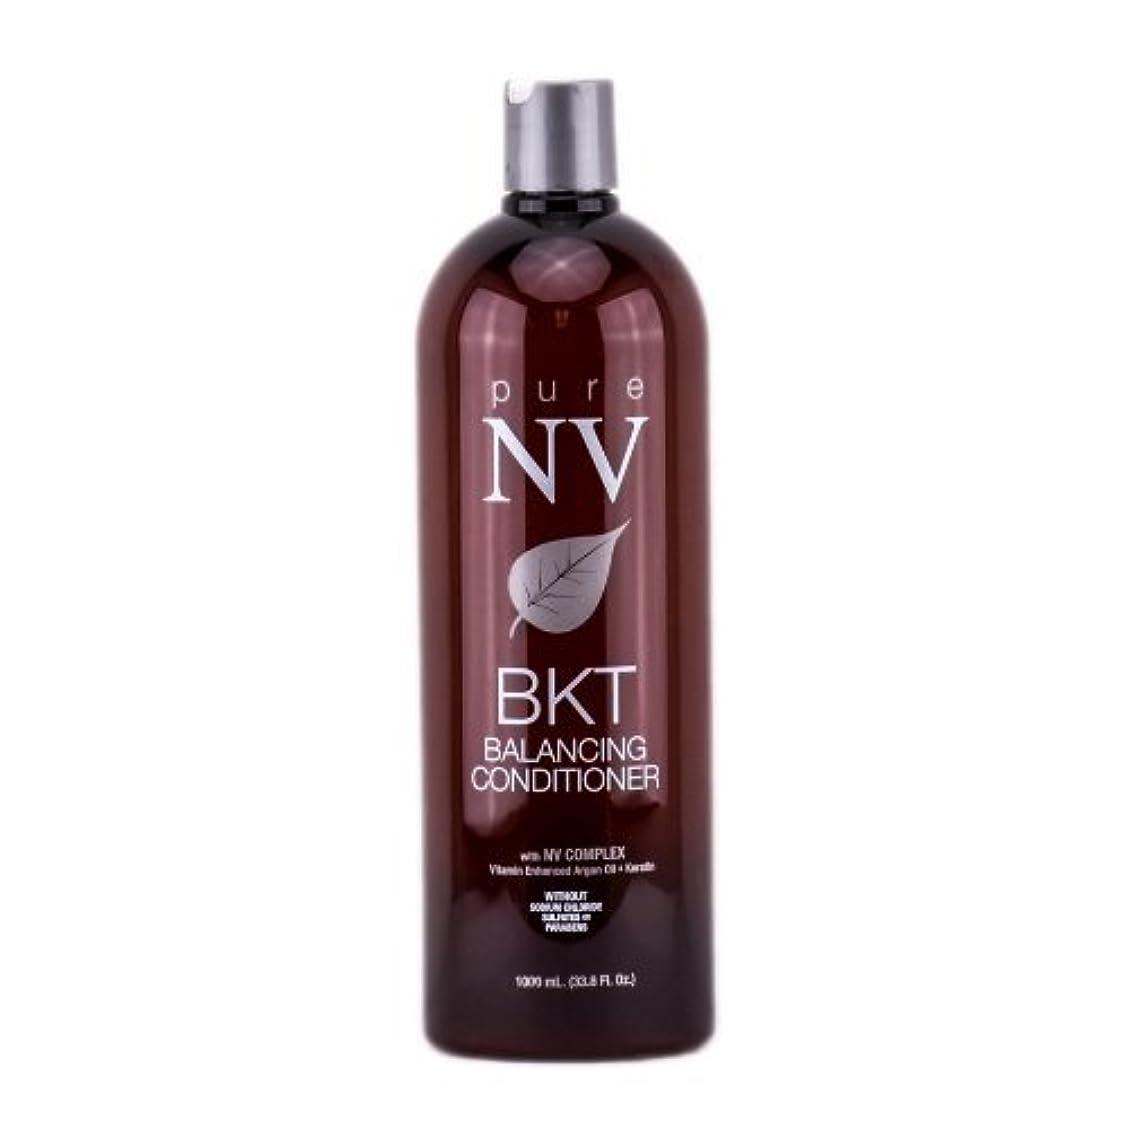 真実からに変化するおとこPure NV BKT バランシングコンディショナー - 33.8オンス レッド-301